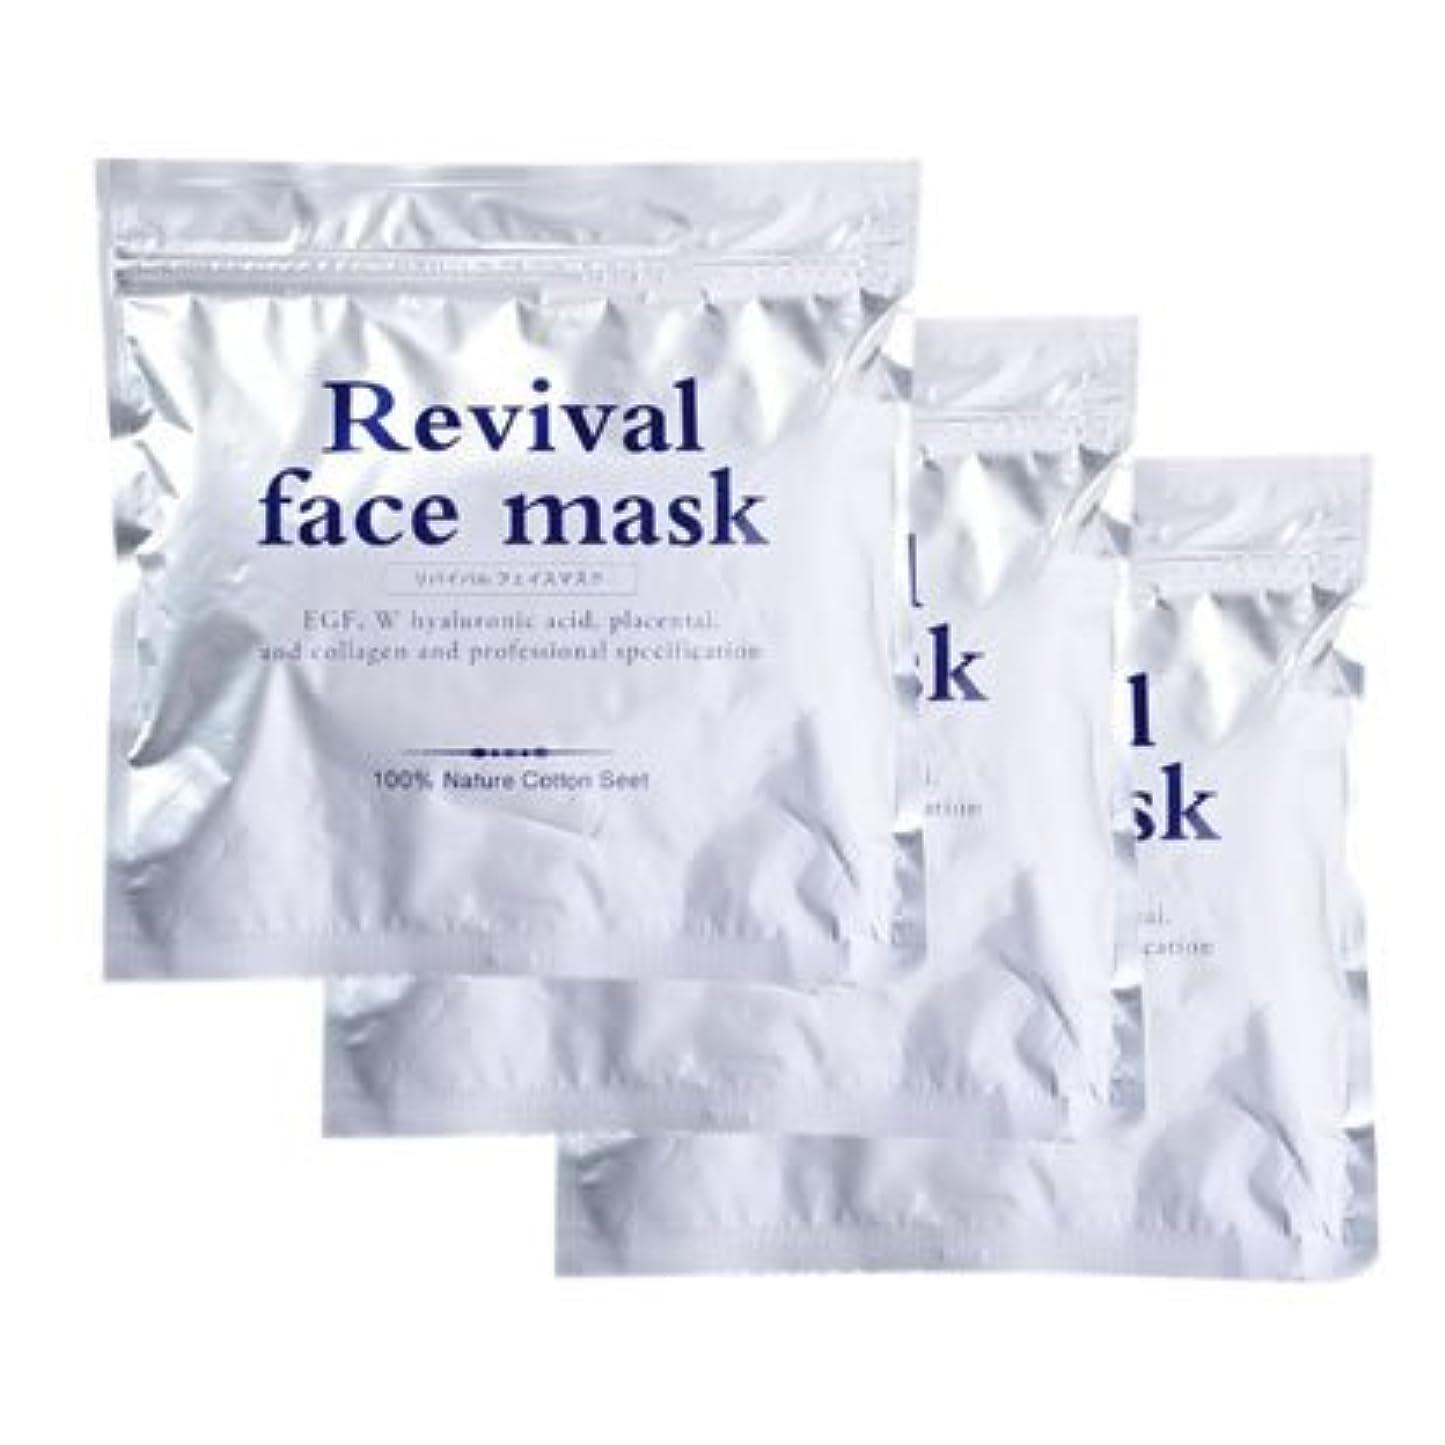 振る風邪をひくハーブリバイバルフェイスマスク 90枚セット(30枚×3袋)